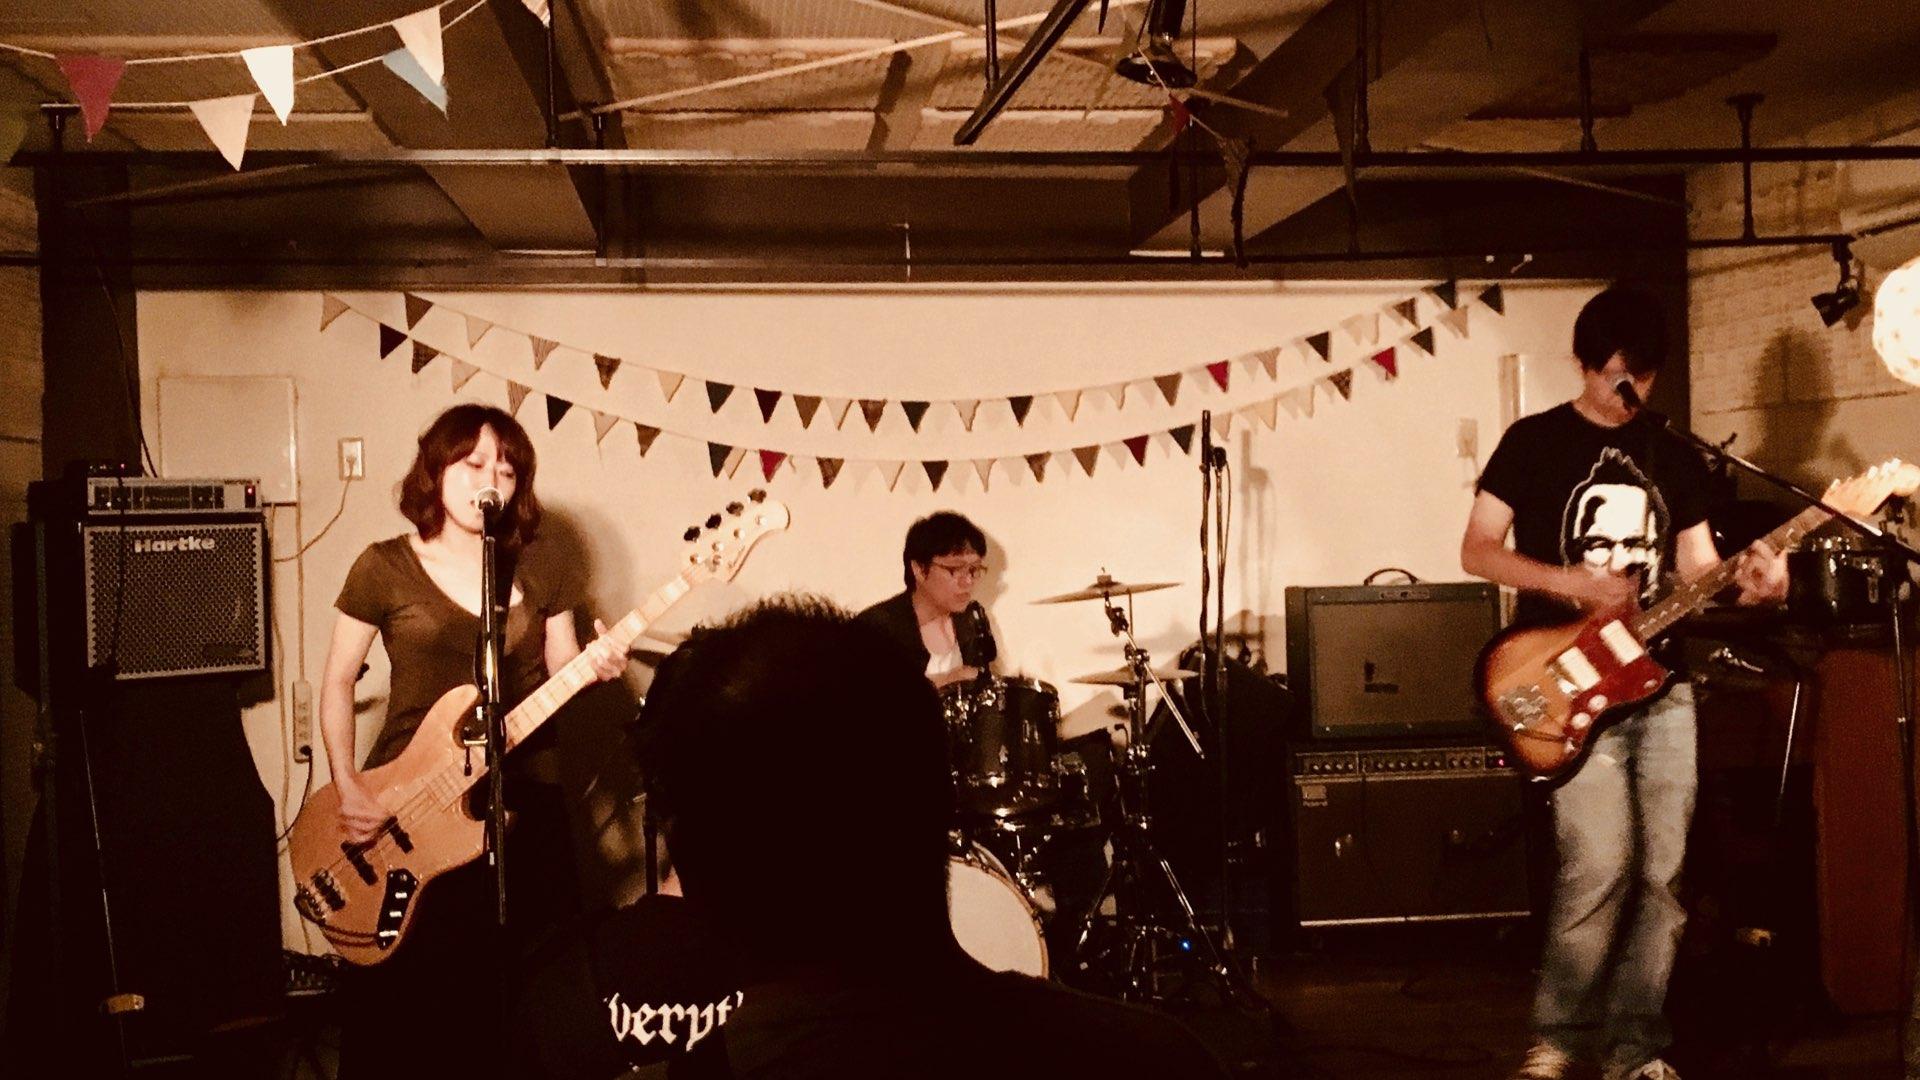 Live拝聴記録 7/8 nuppe,ハイパムフィクサー,34(三銃士)@下北沢モナレコード